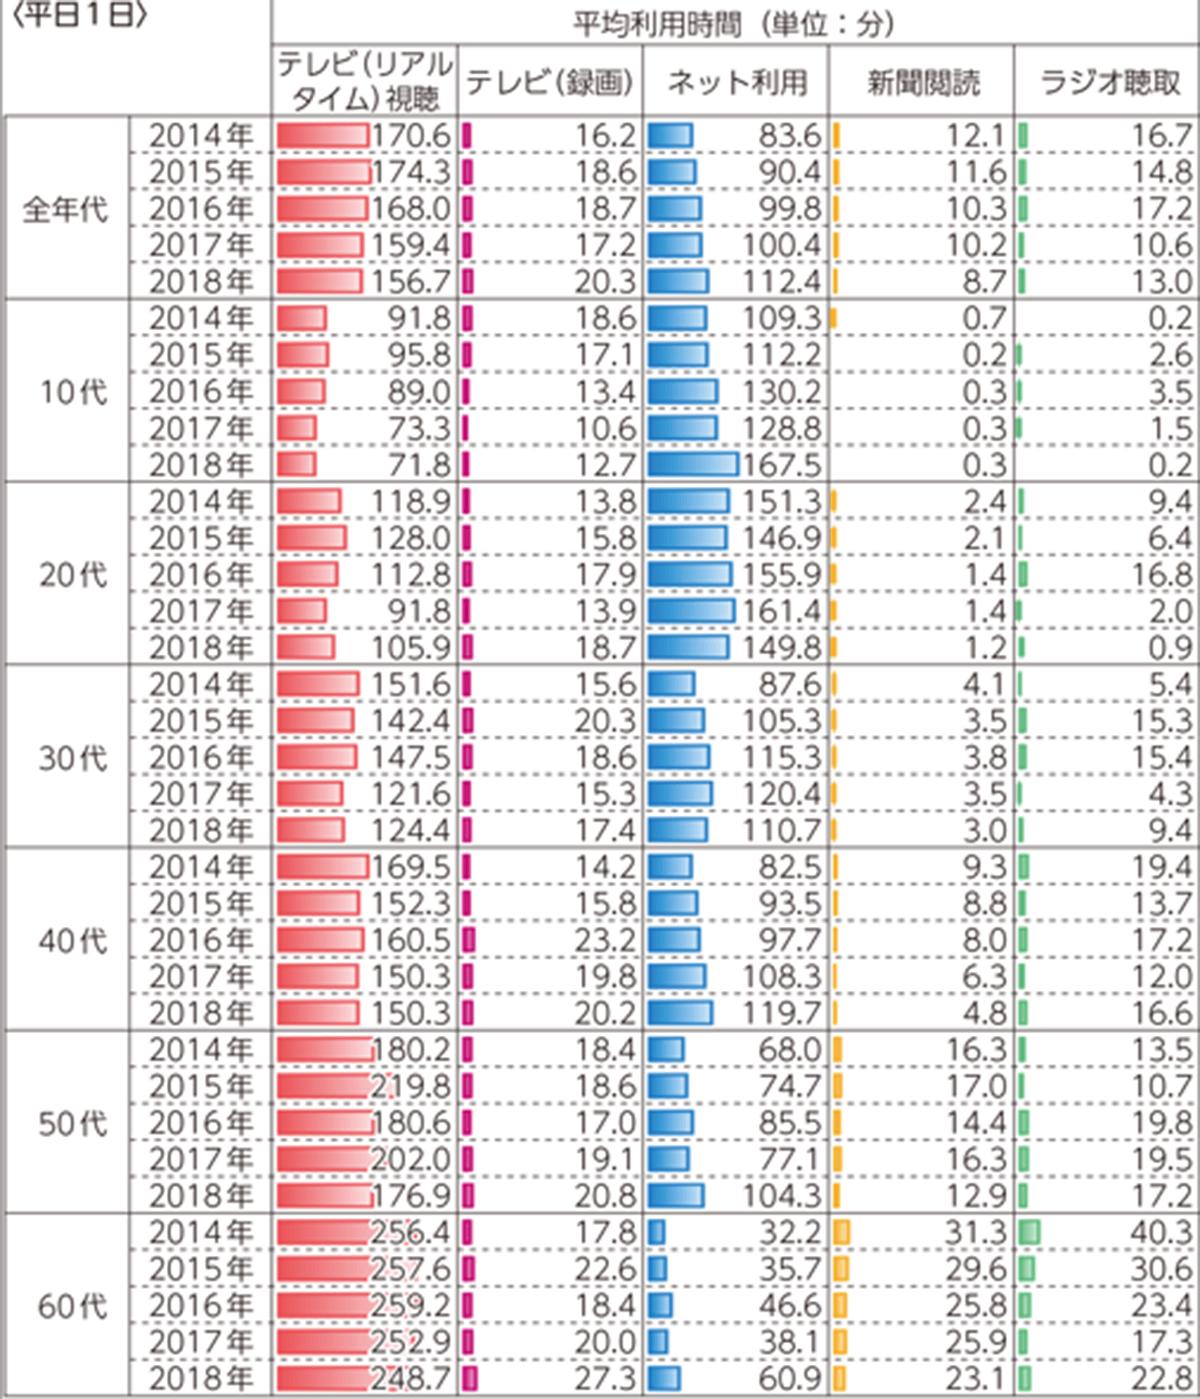 国内におけるネット利用の推移